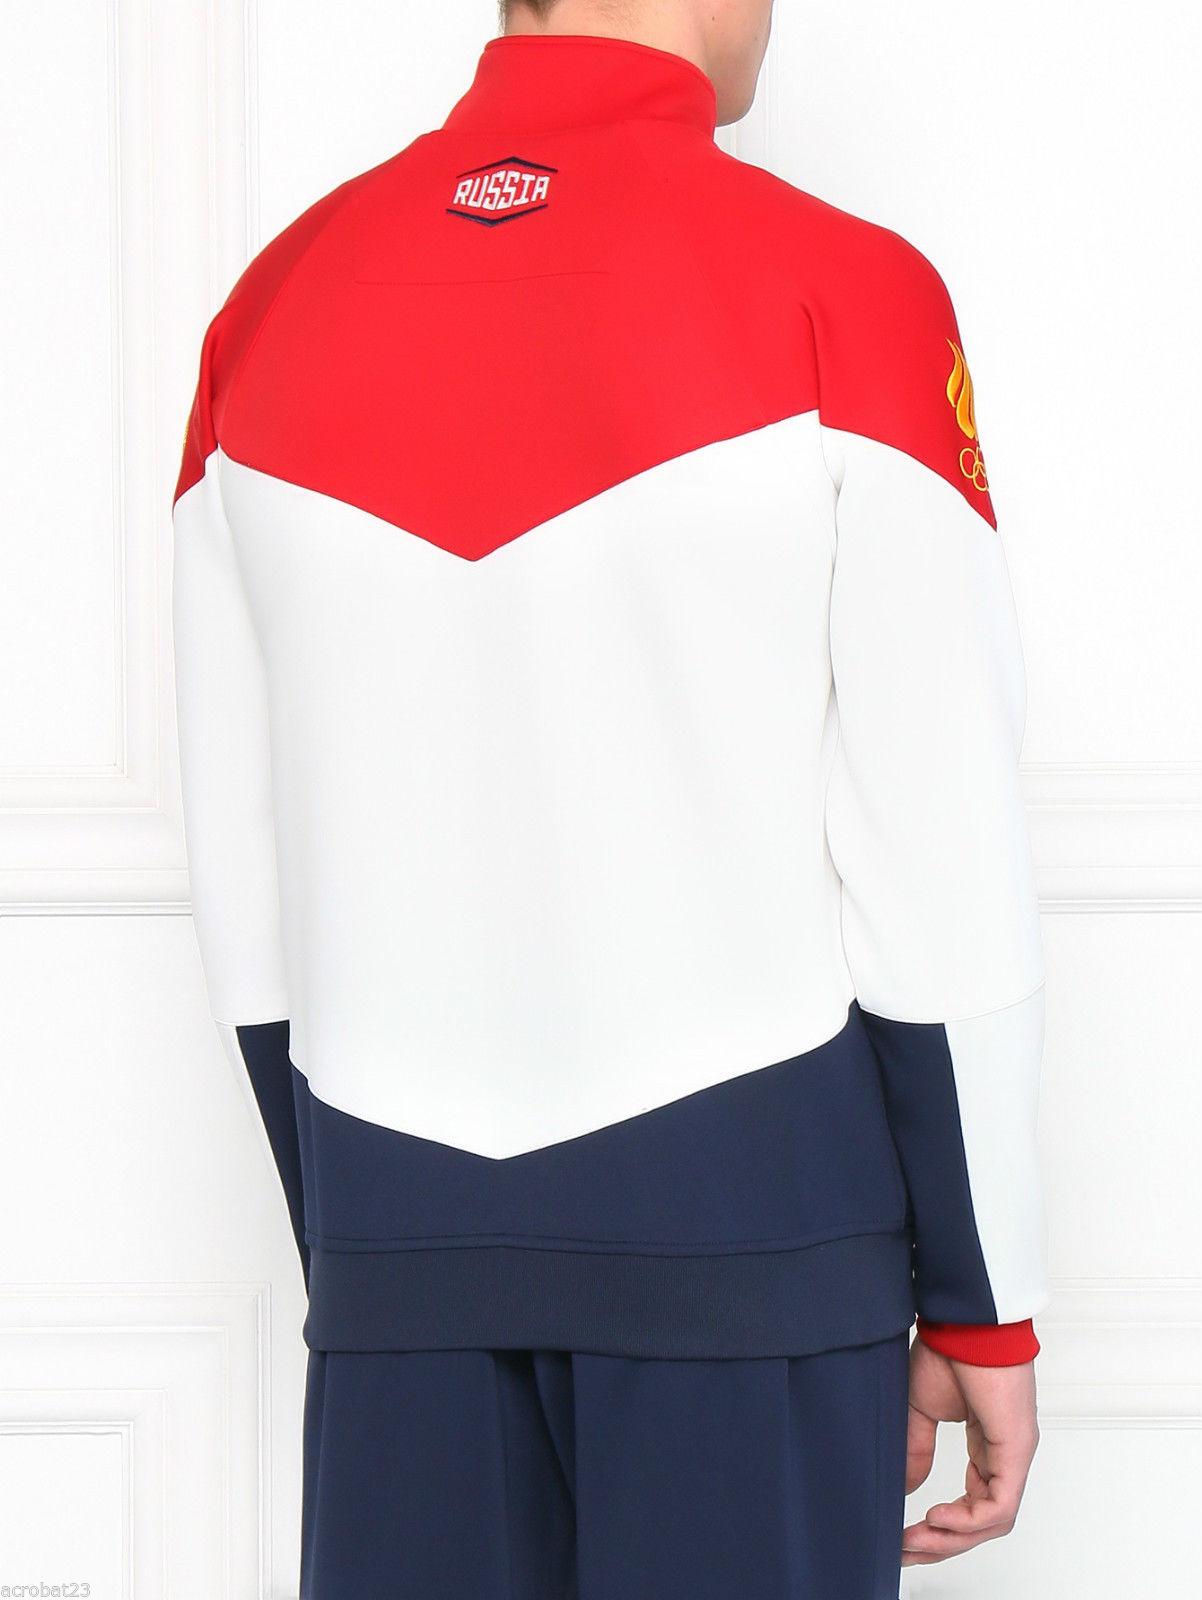 russianuniform2.jpg